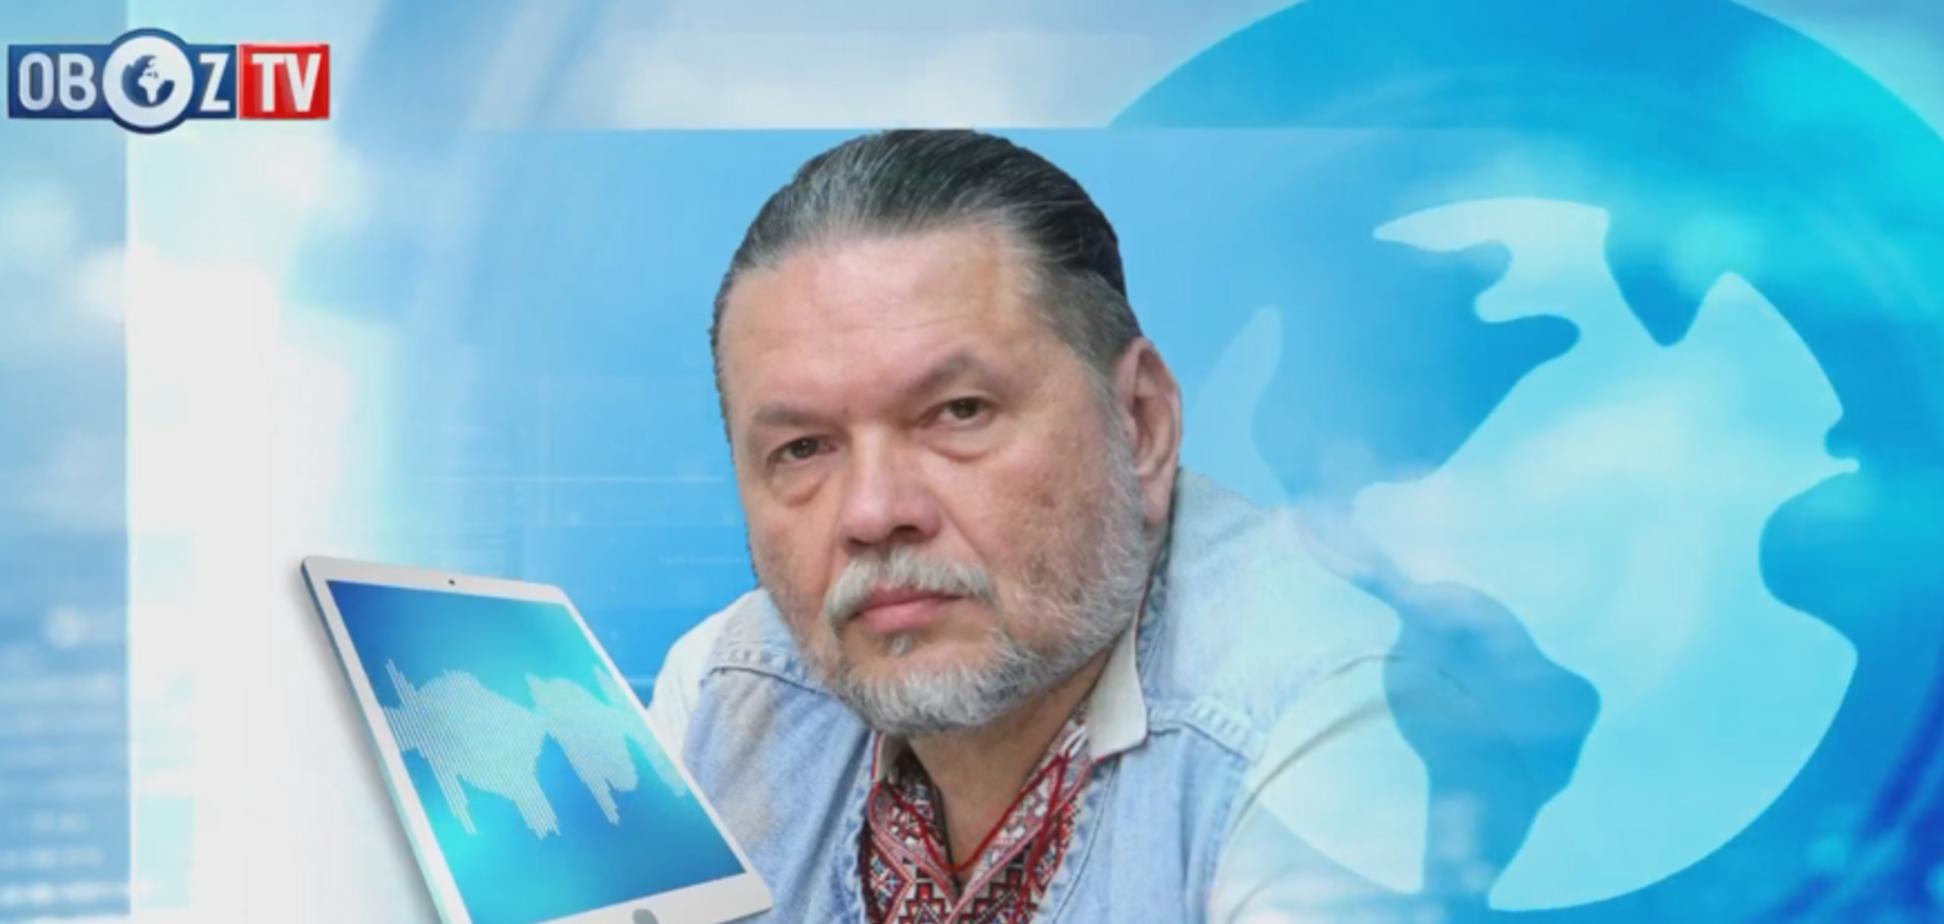 Медведчук підготувався: нардеп вважає, що політик уникне покарання за свої висловлювання